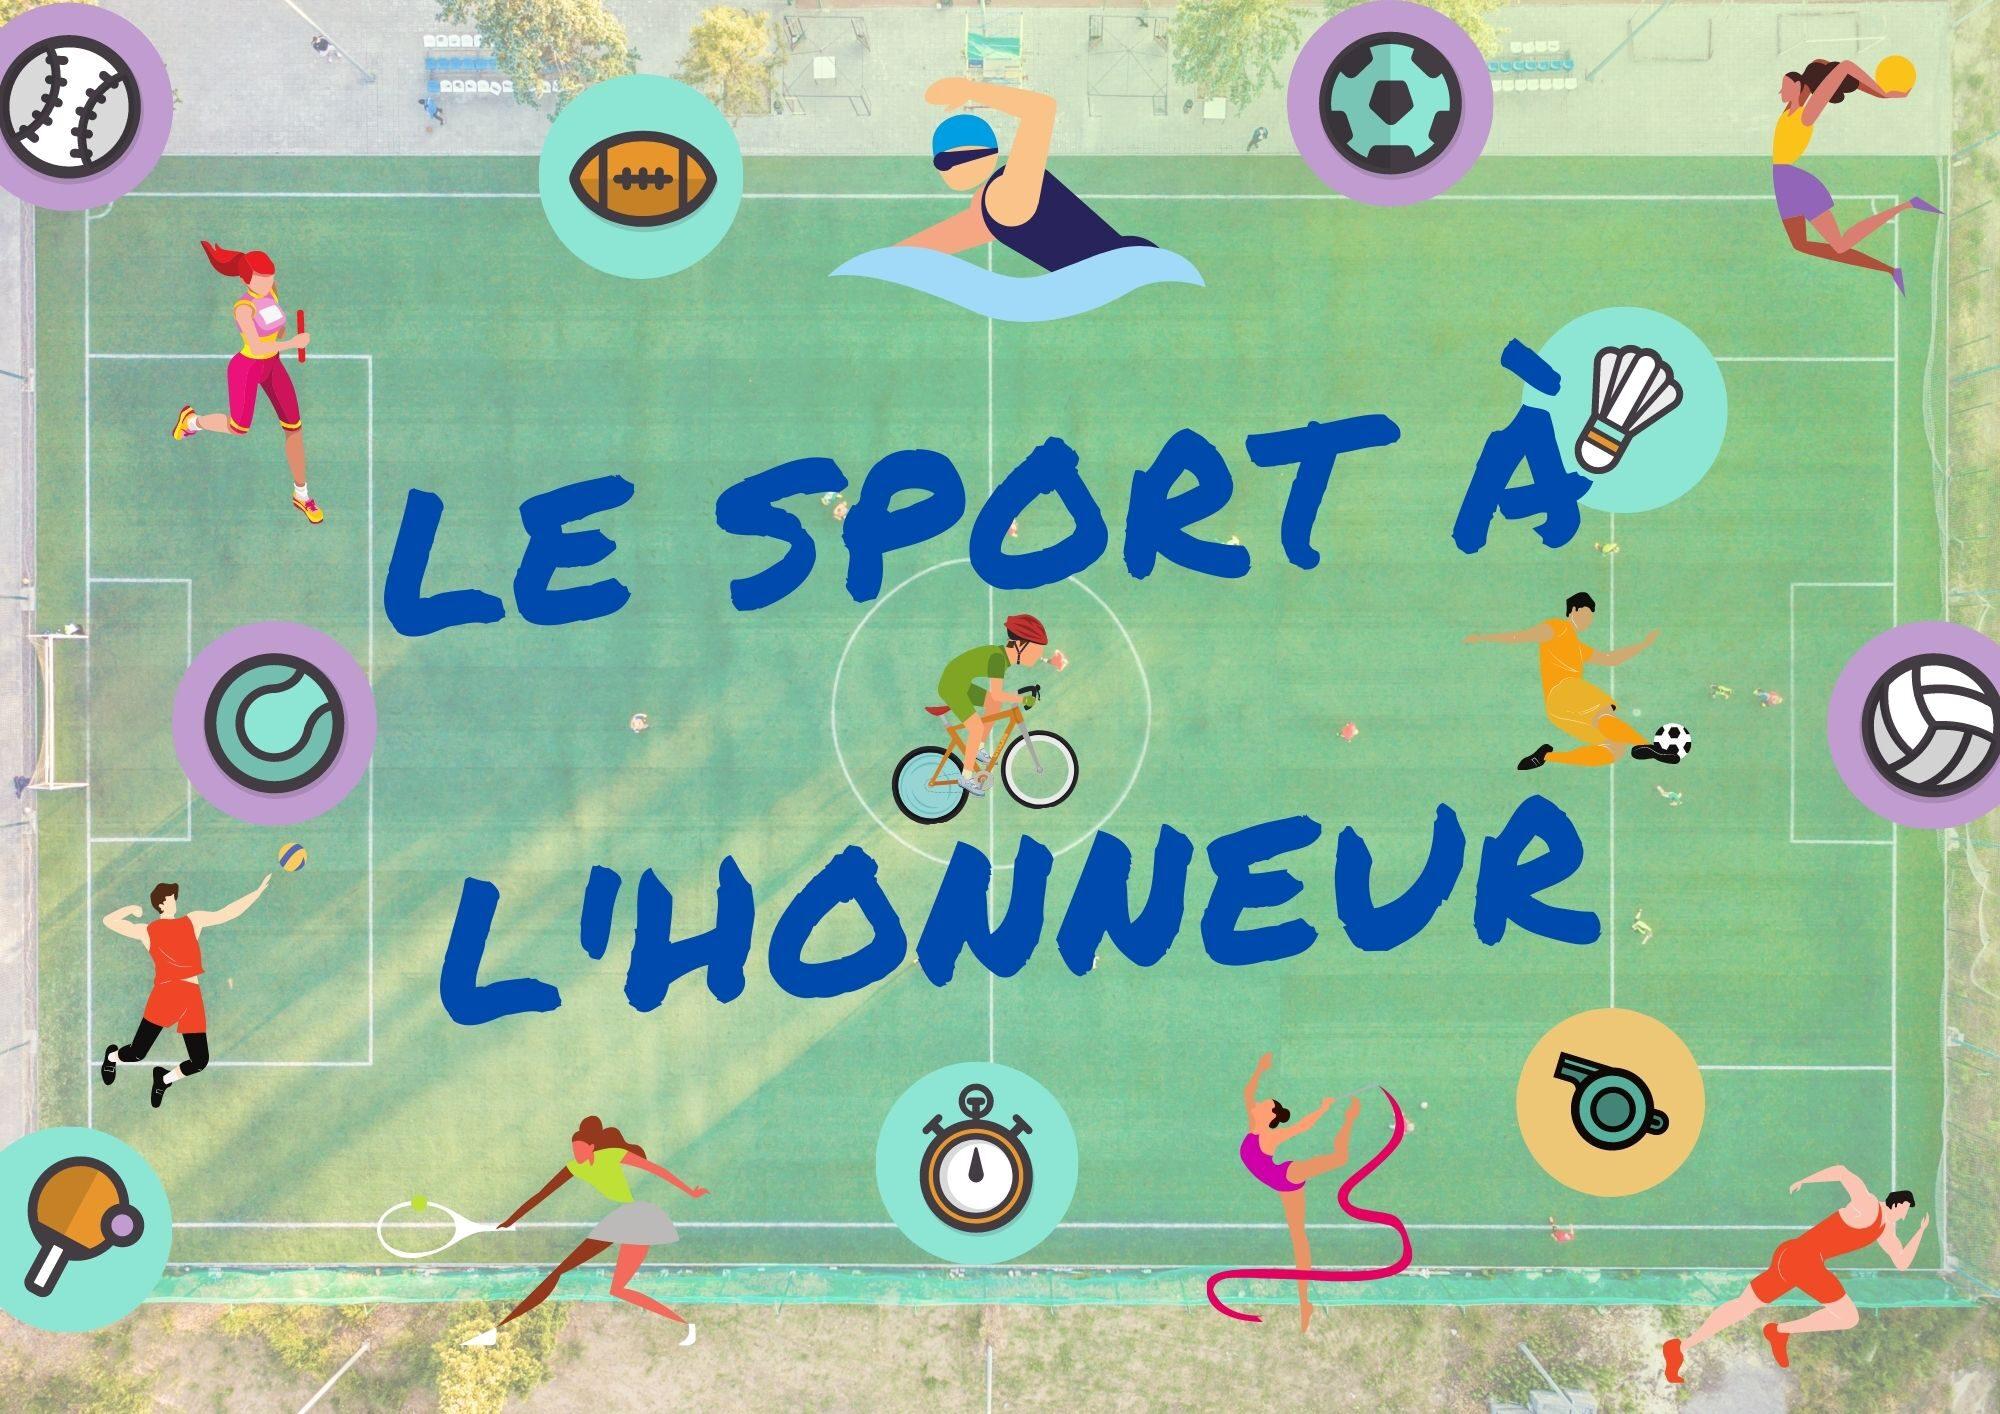 Le sport à l'honneur sept 2021.jpg